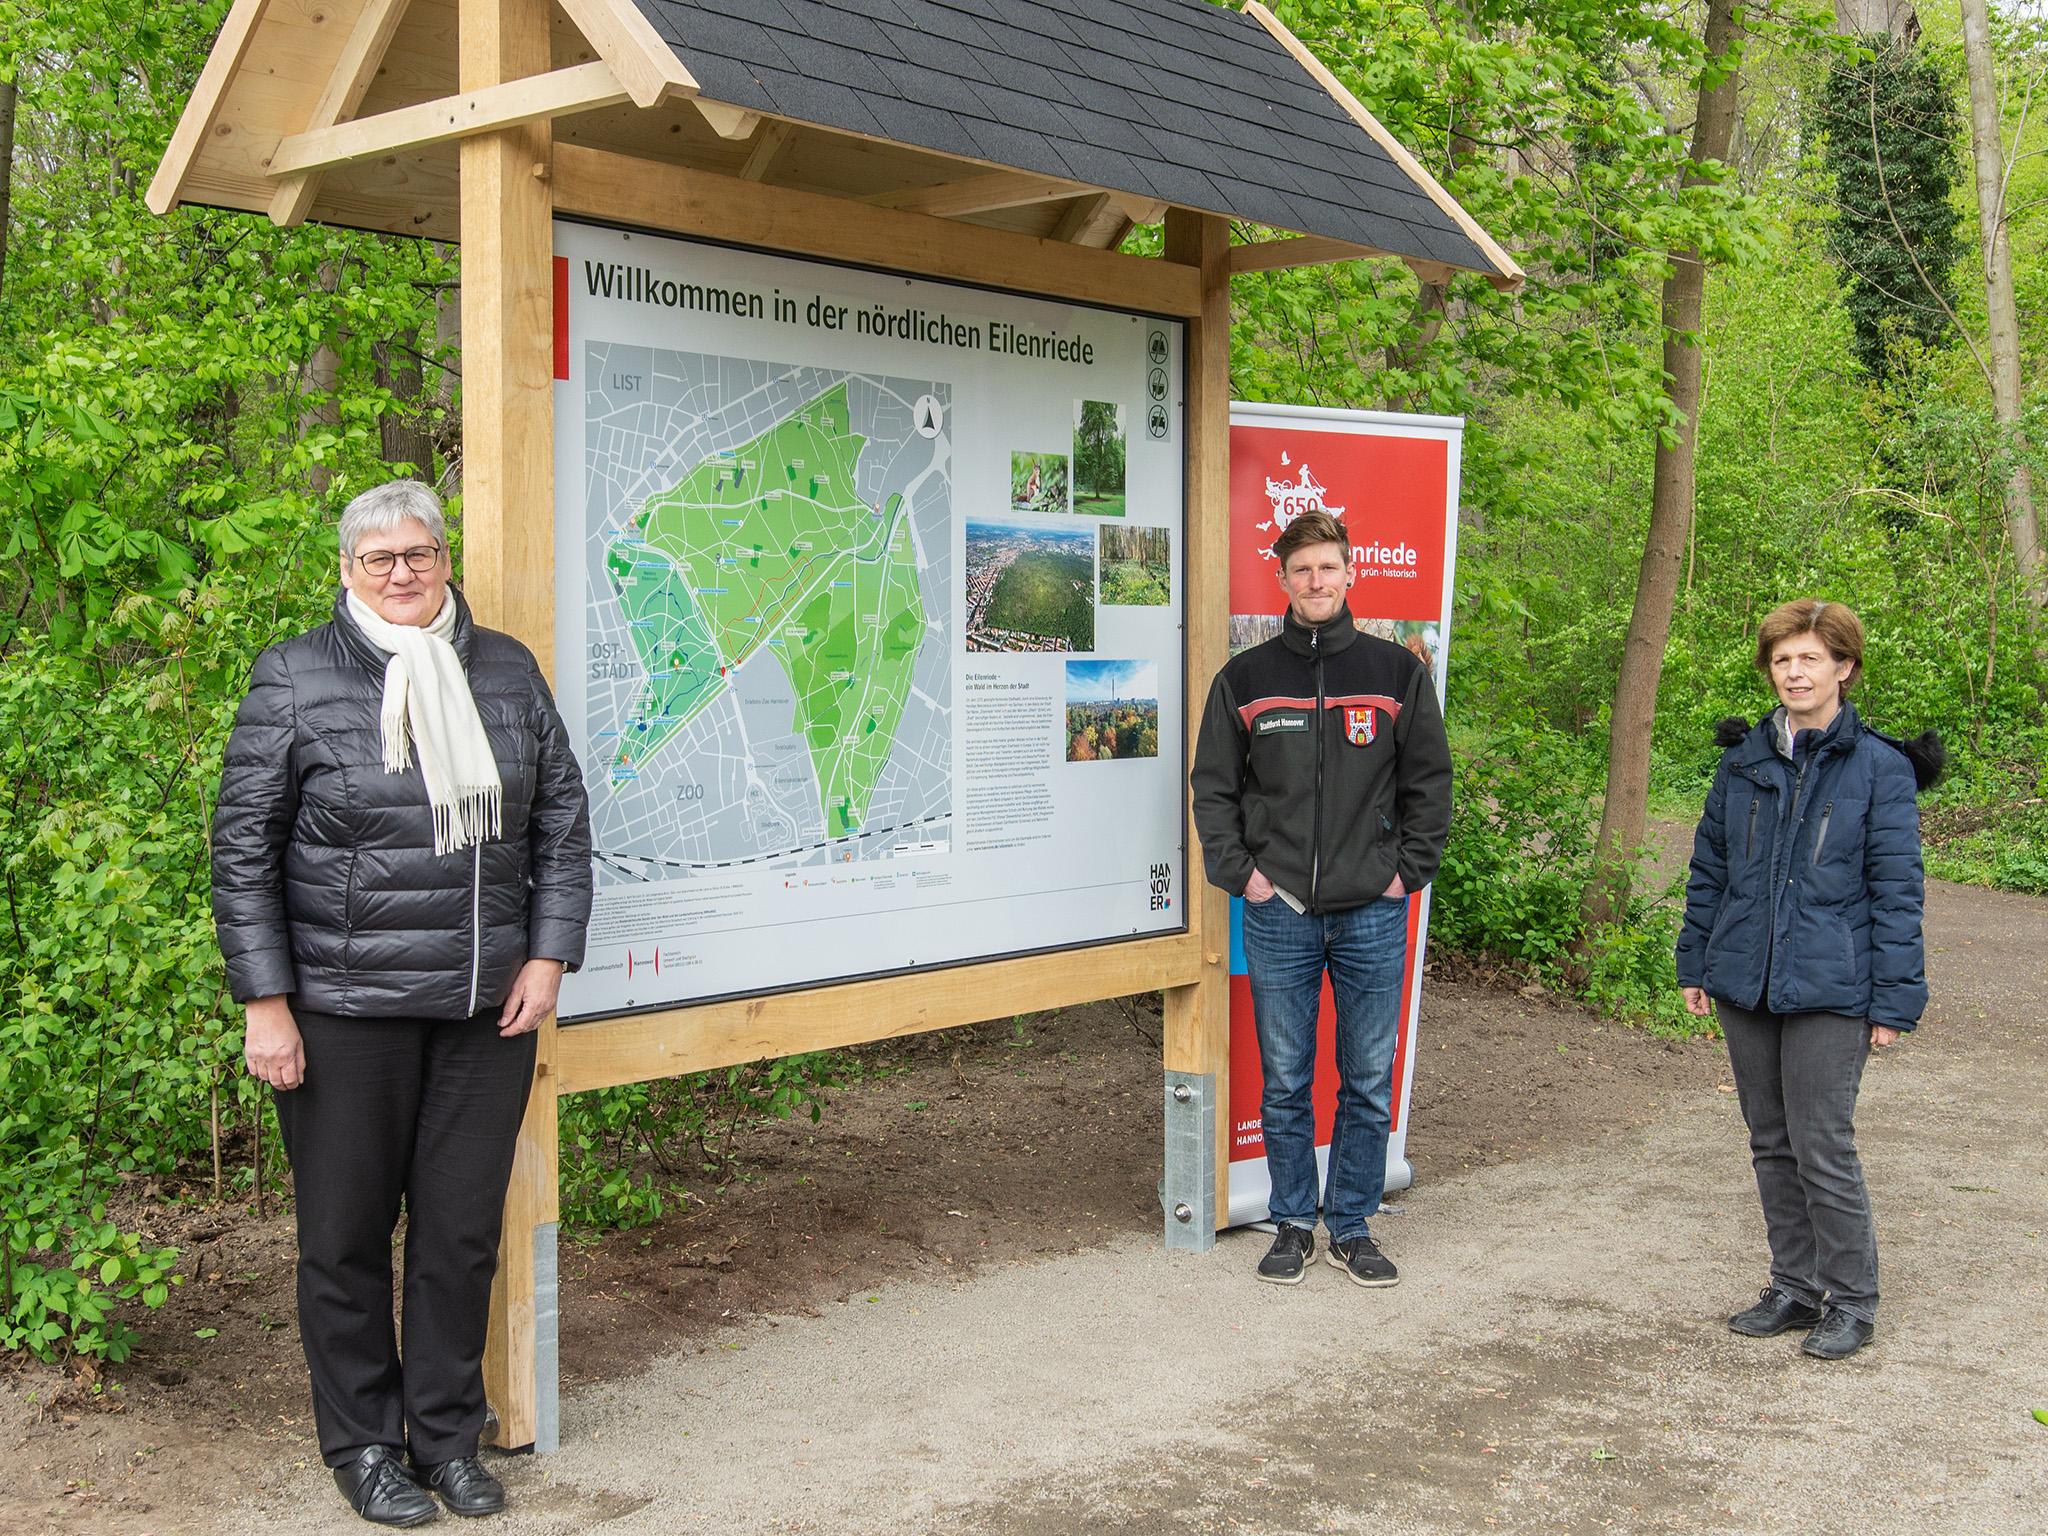 Drei Personen stehen an einem Waldeingangsschild